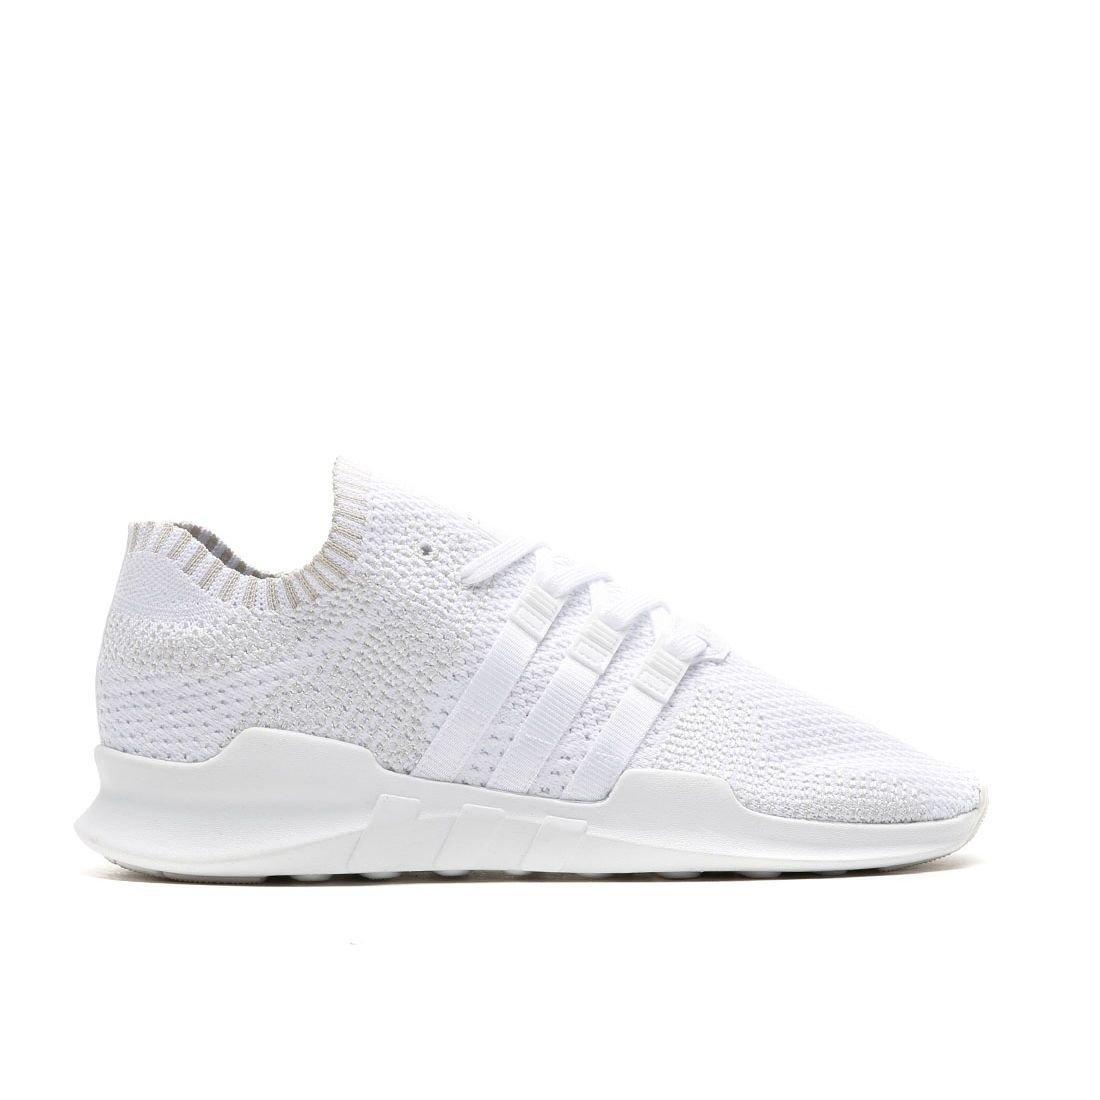 Footwear White / Green